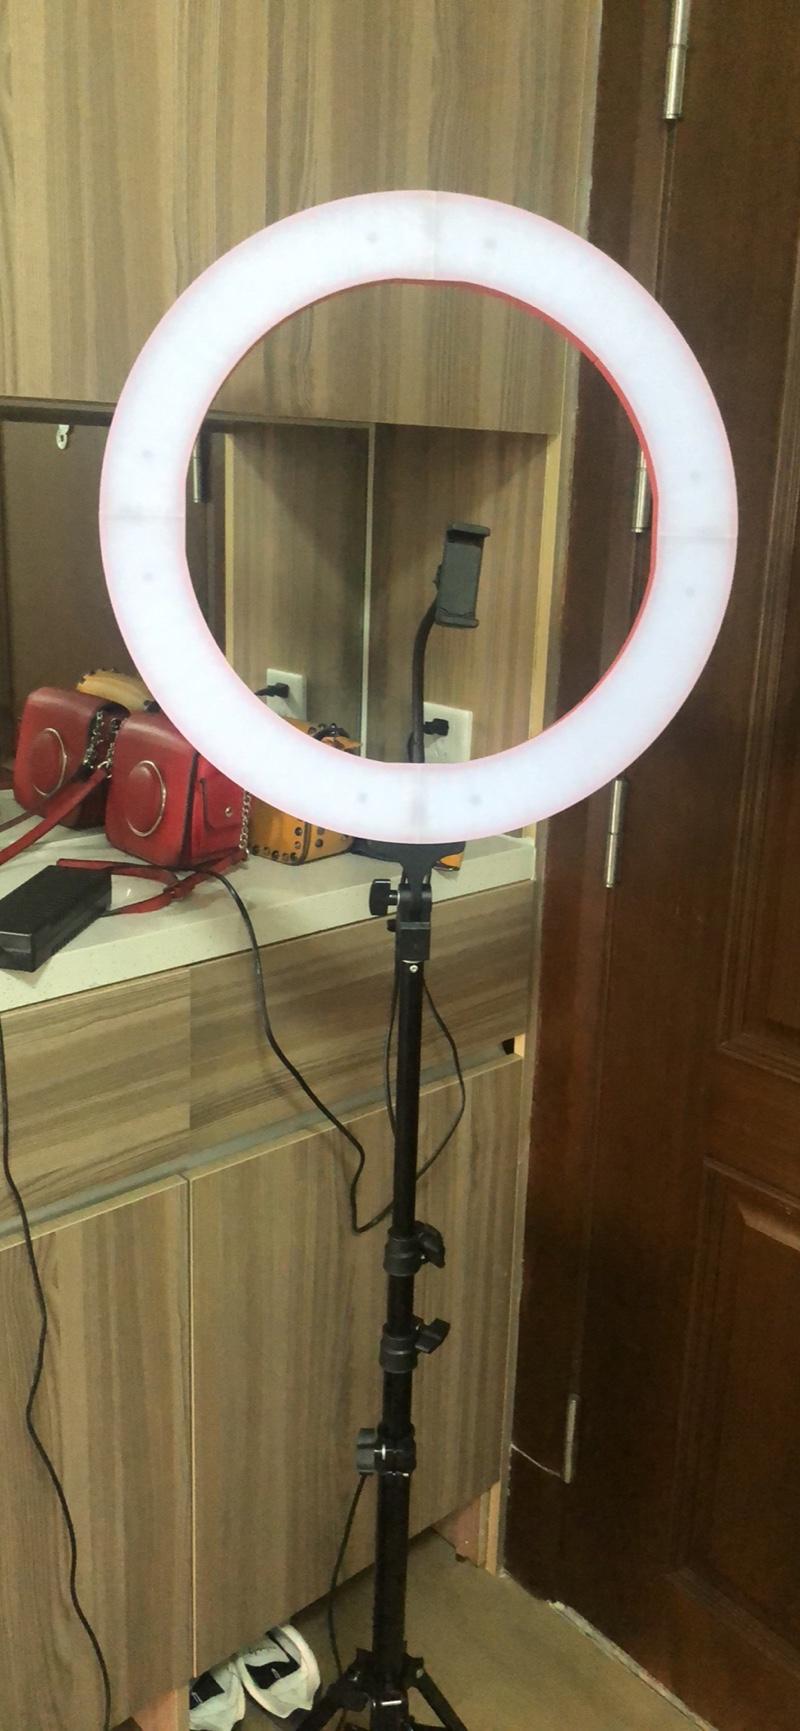 Bộ Giá Đỡ Điện Thoại Livestream Có Đèn Led LB -26cm -Điều chỉnh 3 chế độ  màu ánh sáng - Giá đỡ - Chân đế thường Thương hiệu OEM